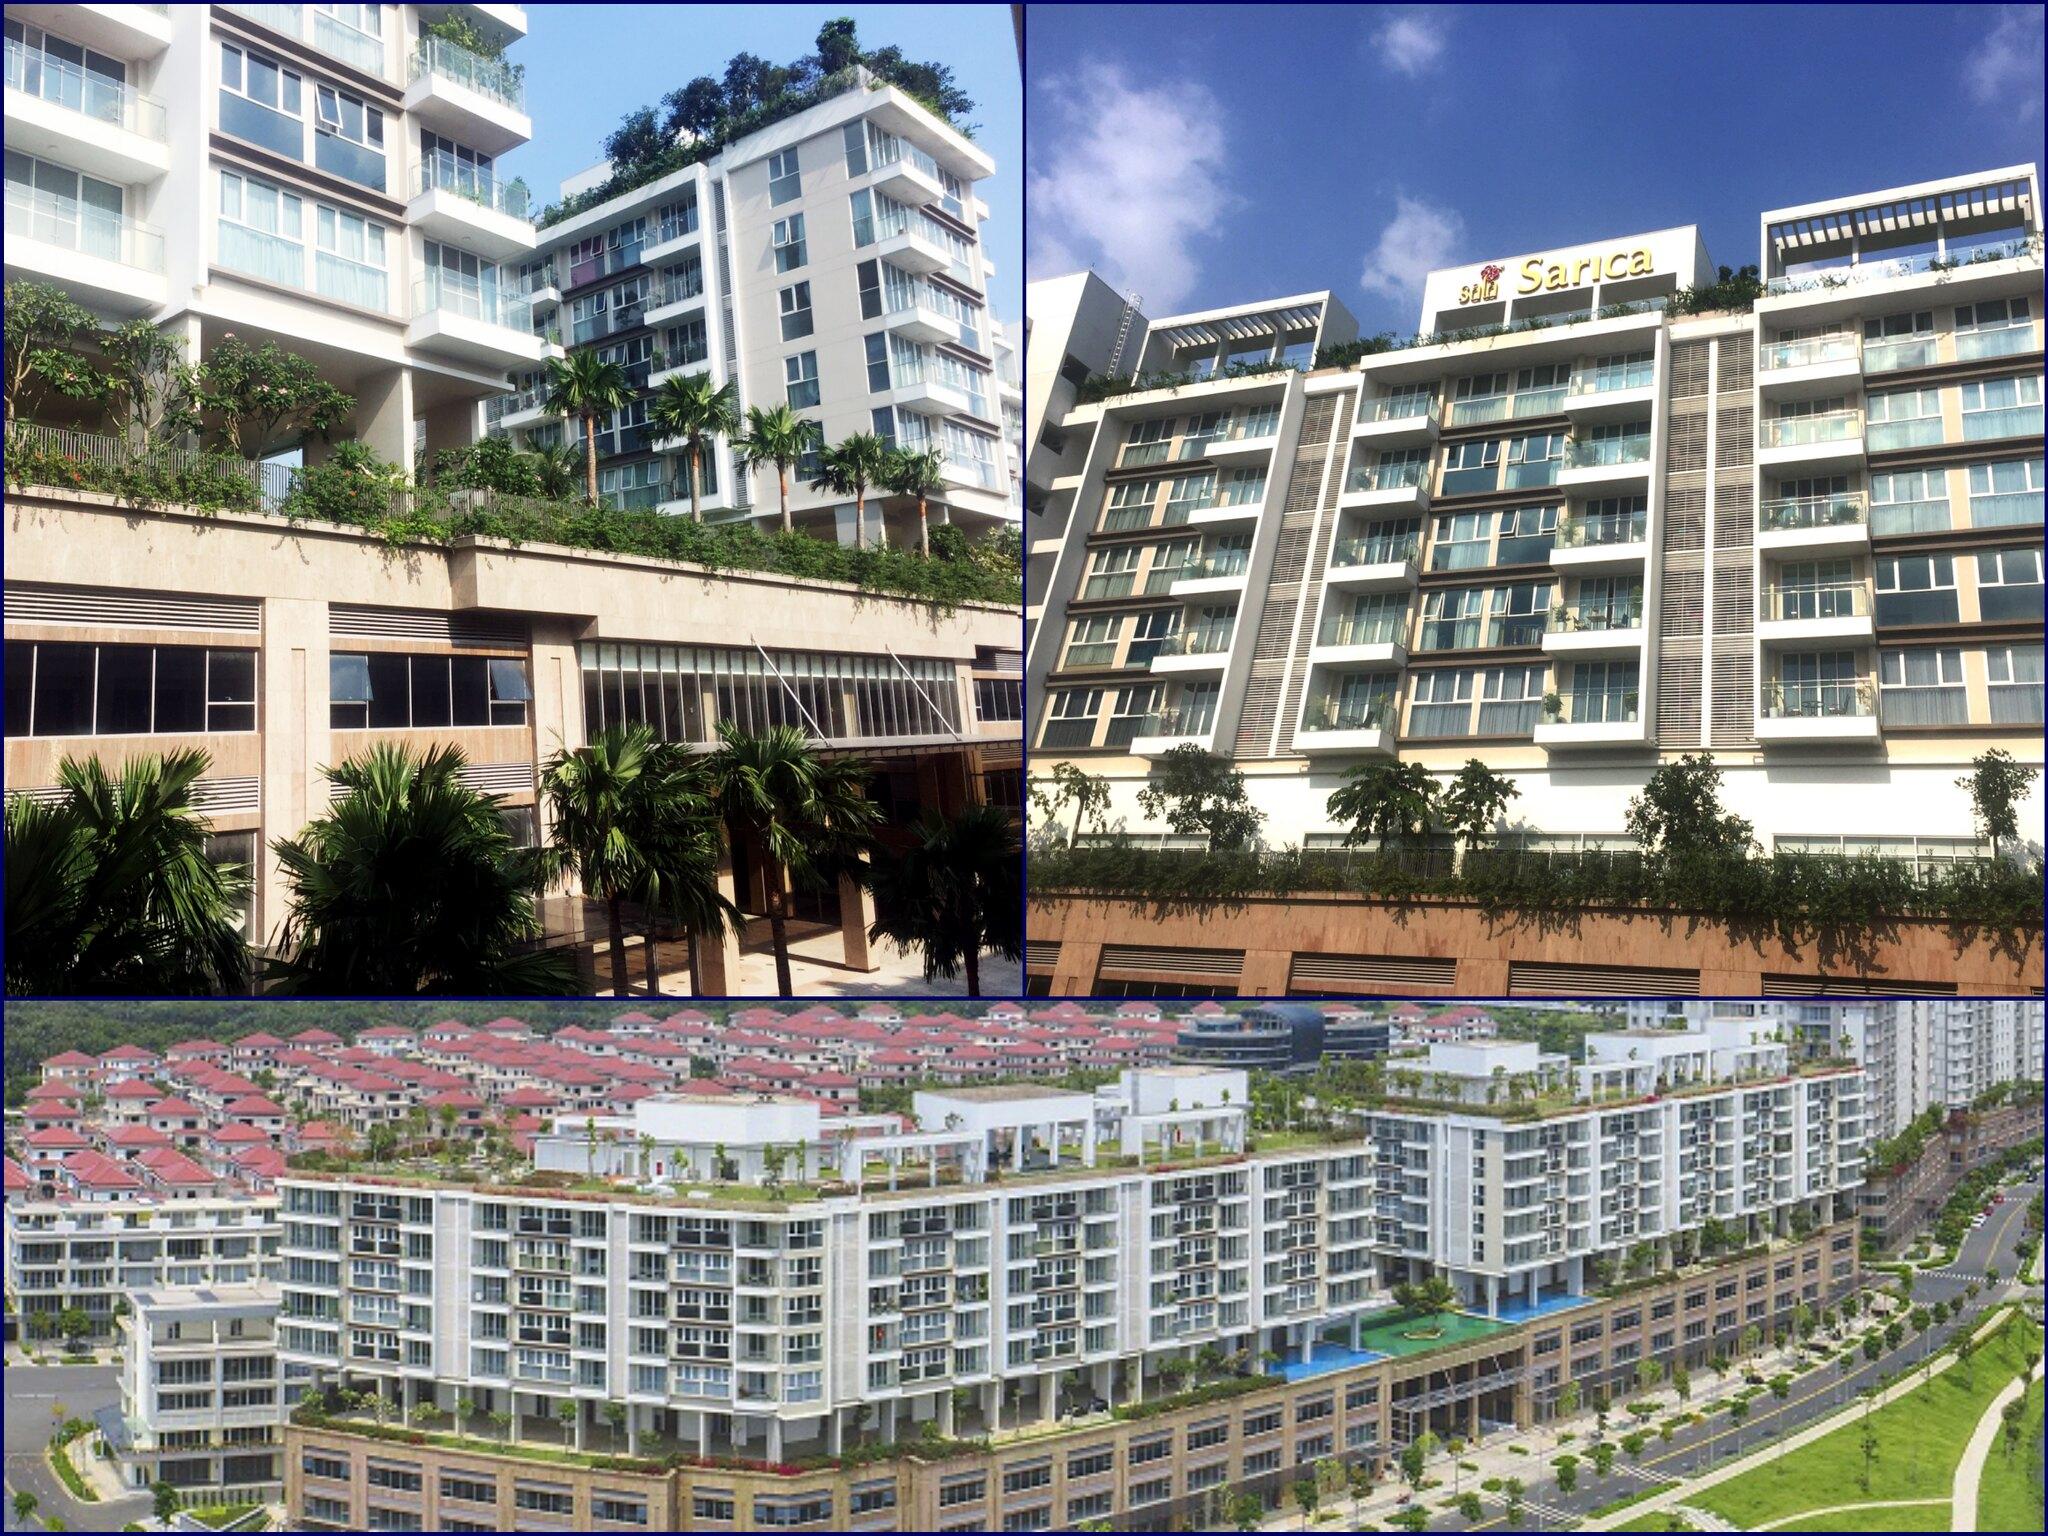 Khu căn hộ Sarica Thủ Thiêm, Đây được xem là khu dự án cao cấp nhất tại Sala, chỉ cao 8 tầng và 2 tầng hầm để xe